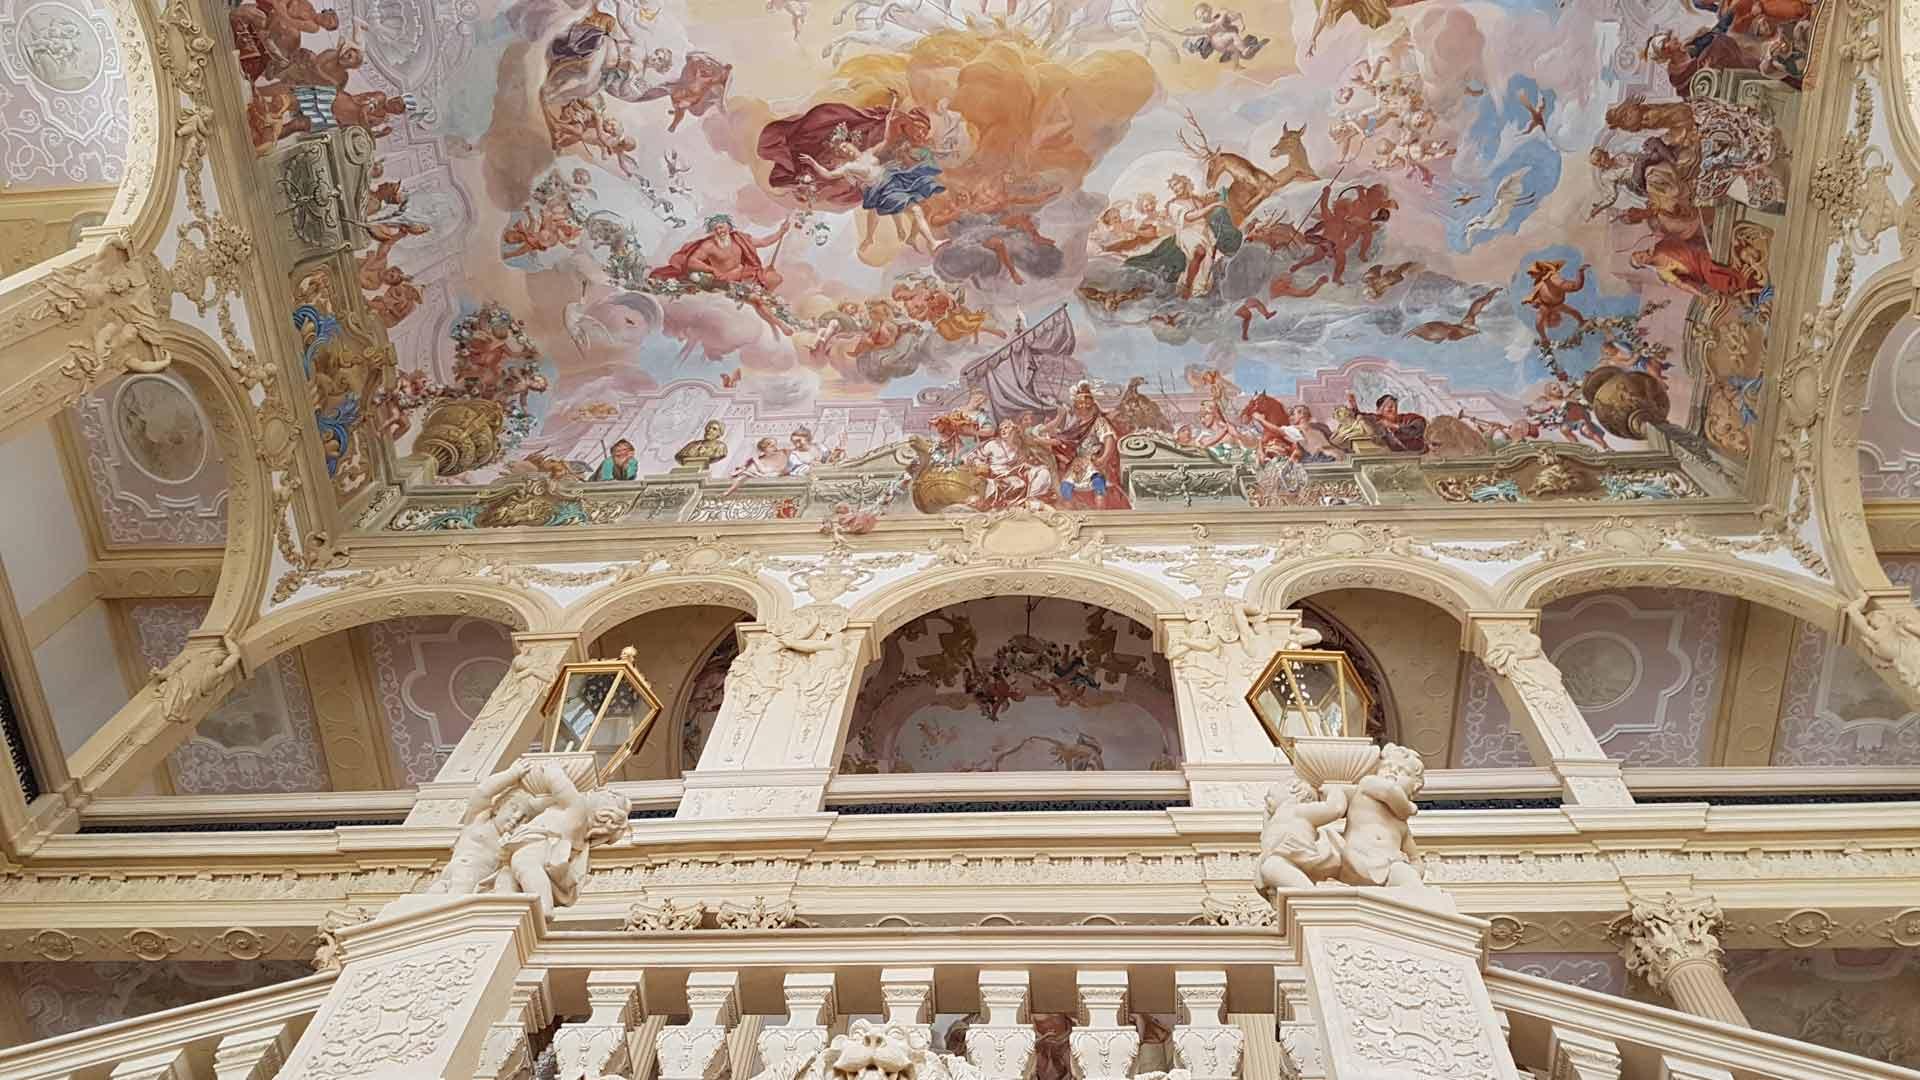 Het indrukwekkende barokke trappenhuis van slot Pommersfelden. © fietsvakantie-duitsland.nl